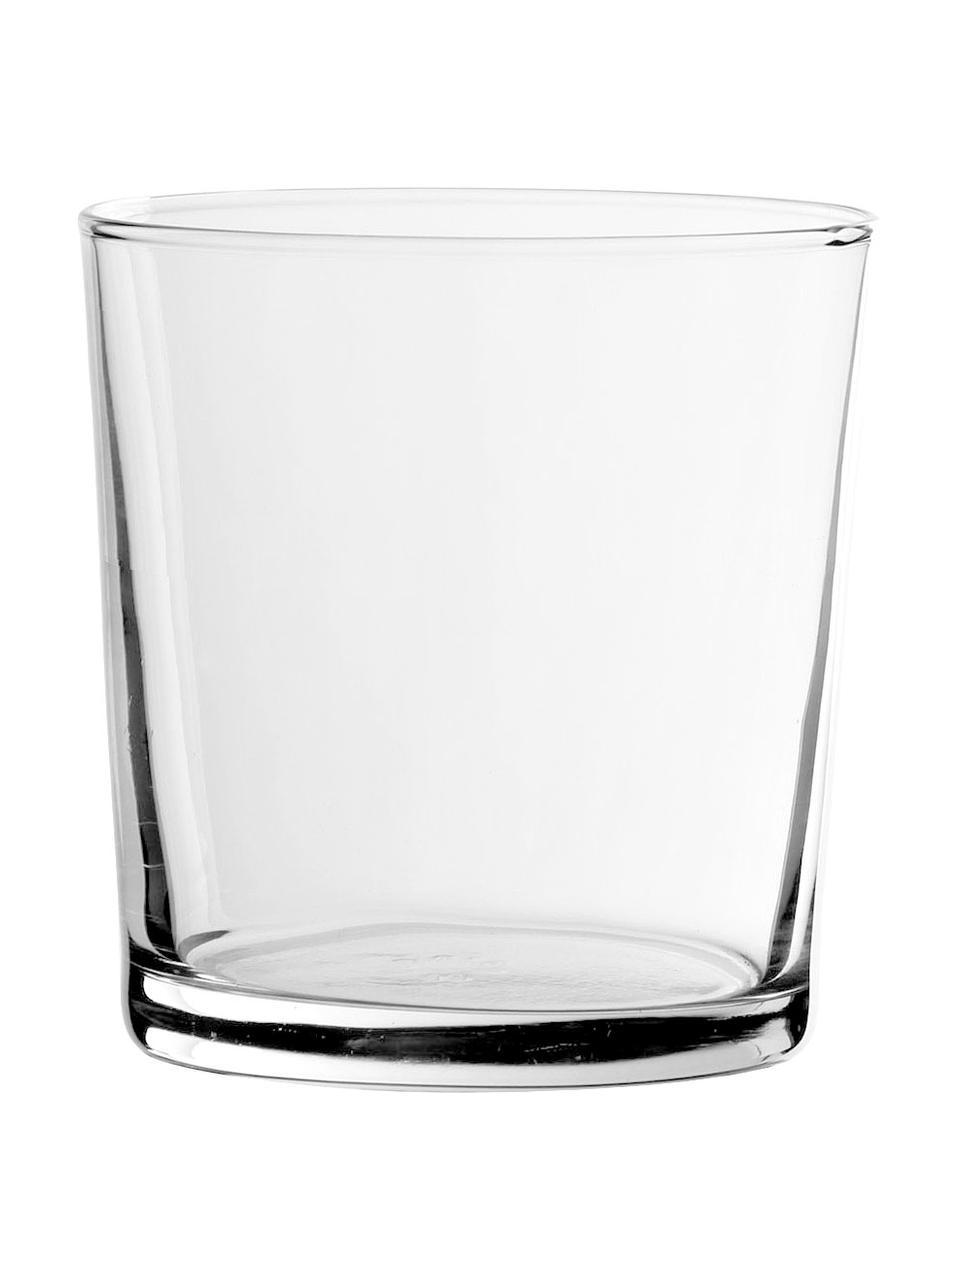 Klassische Wassergläser Simple, 6 Stück, Glas, Transparent, Ø 9 x H 9 cm